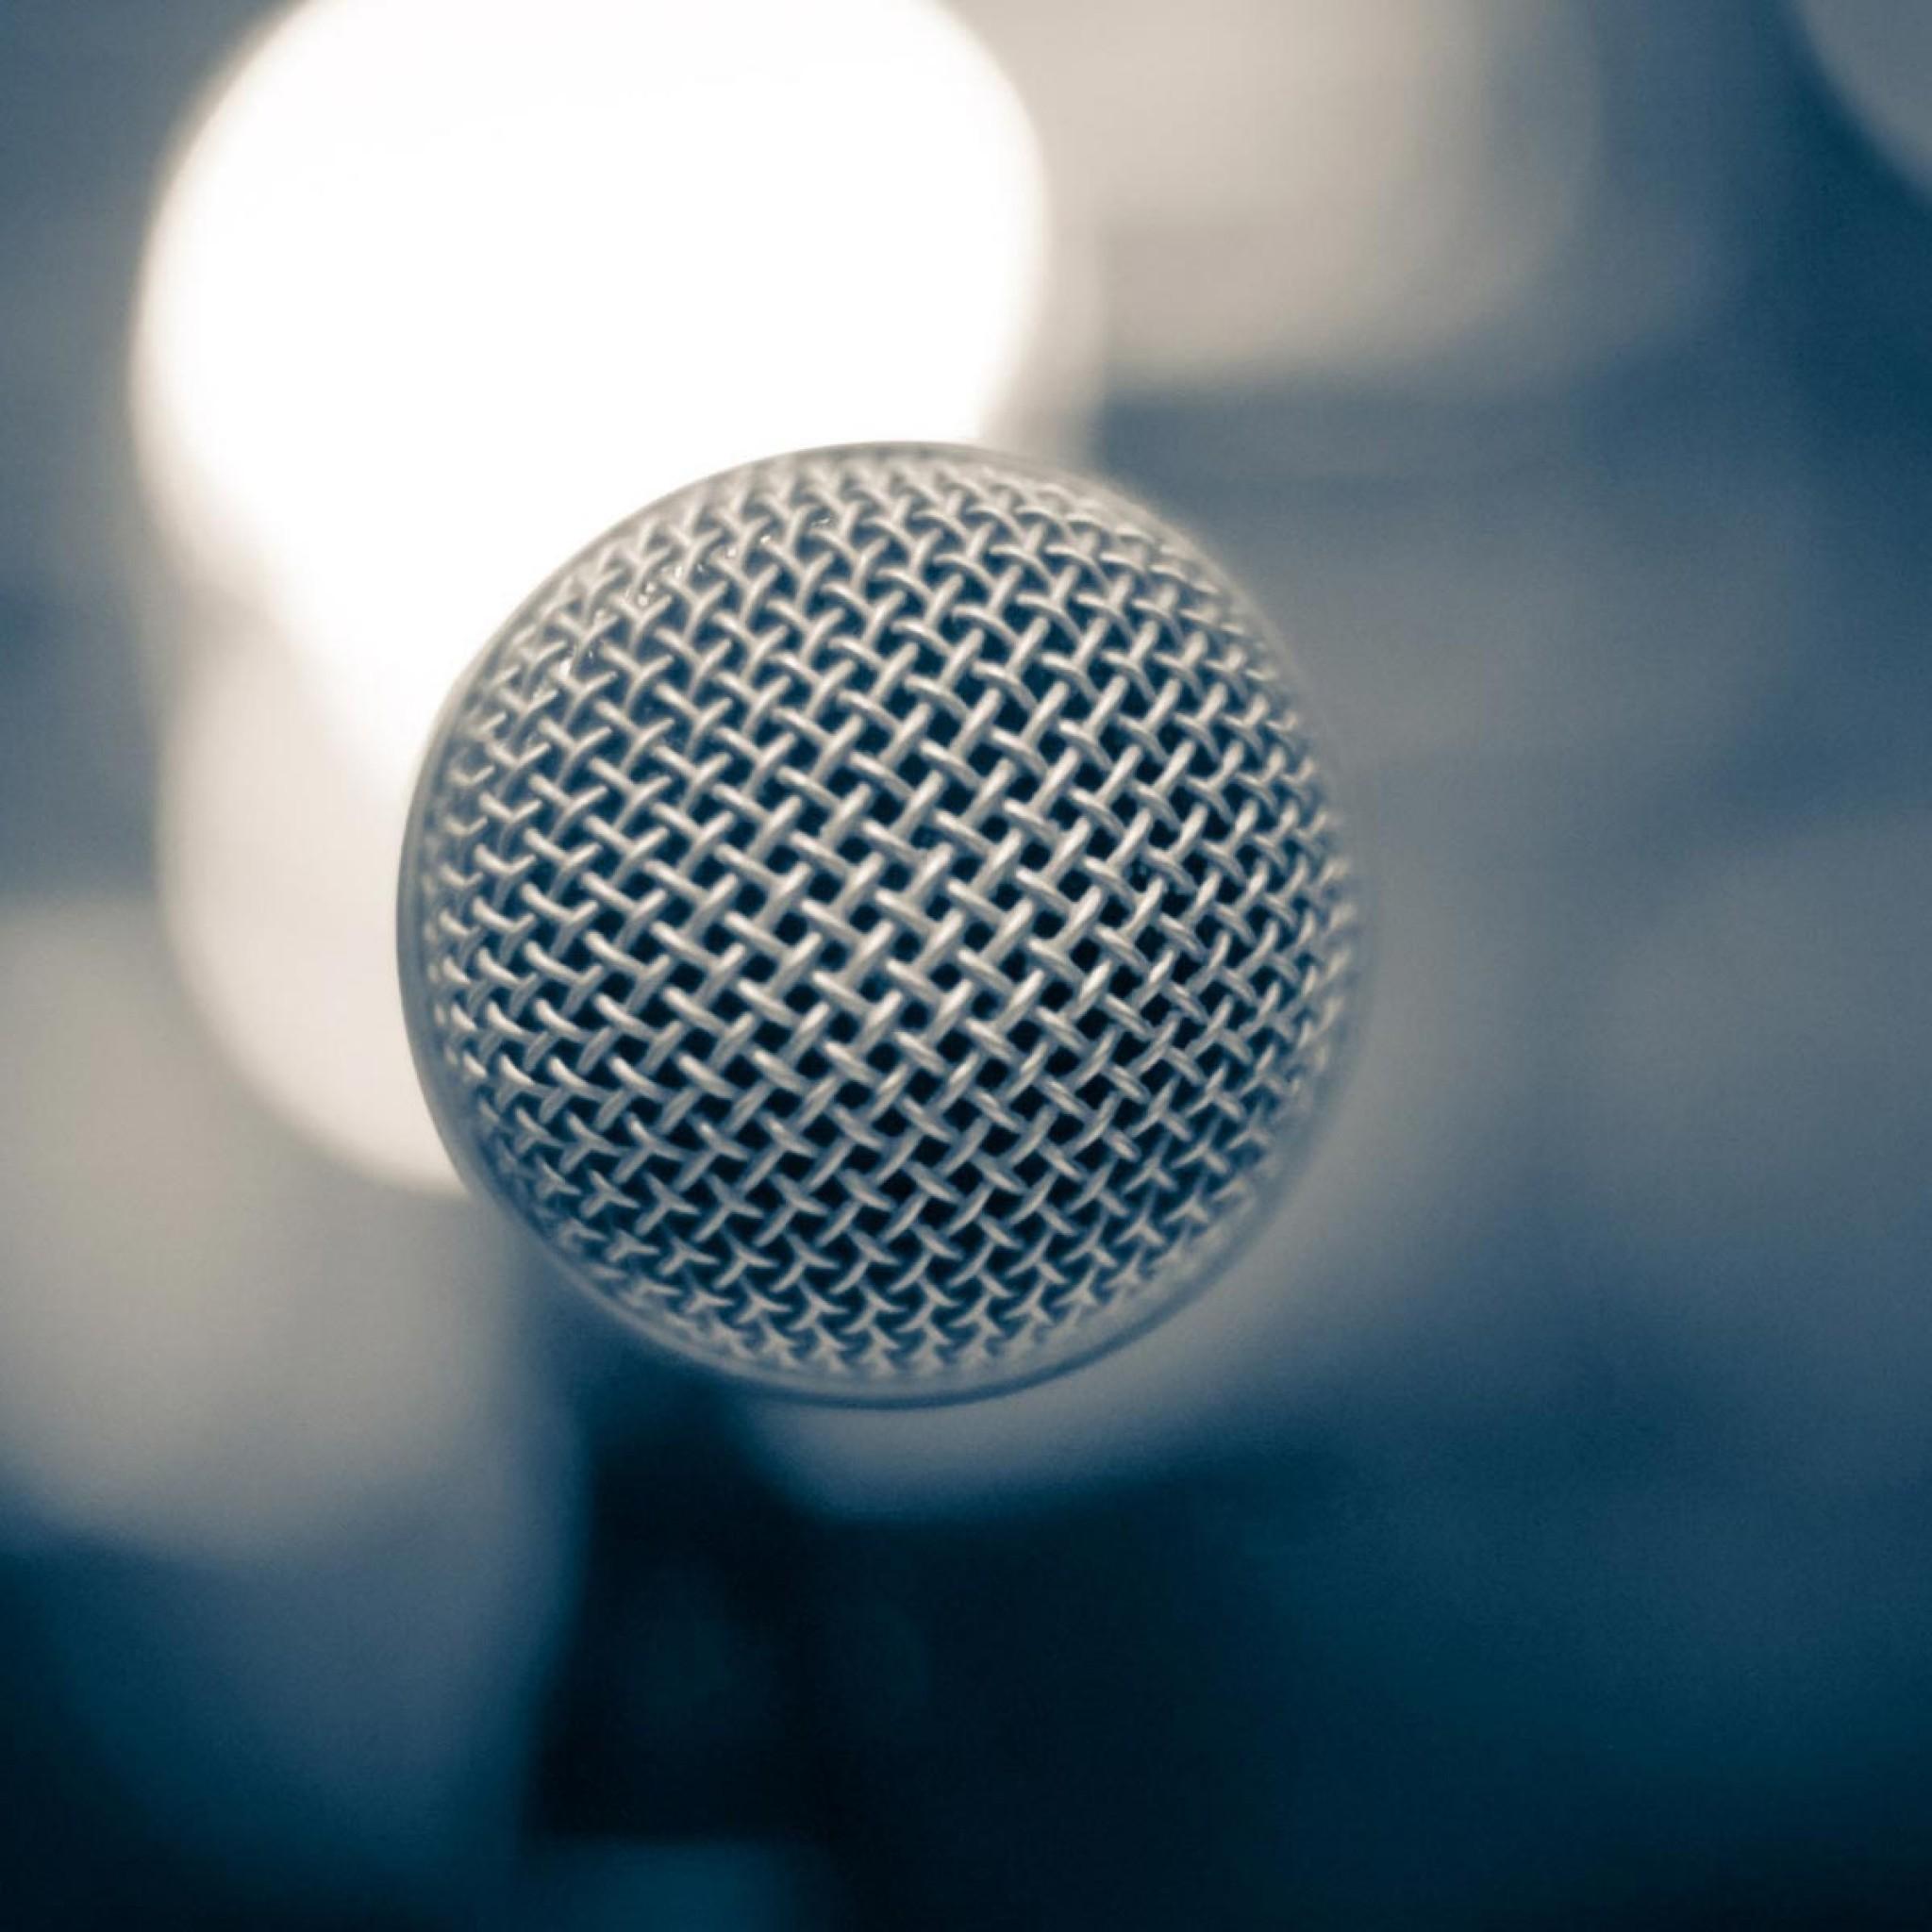 Microphone-Bokeh-2048x2048.jpeg